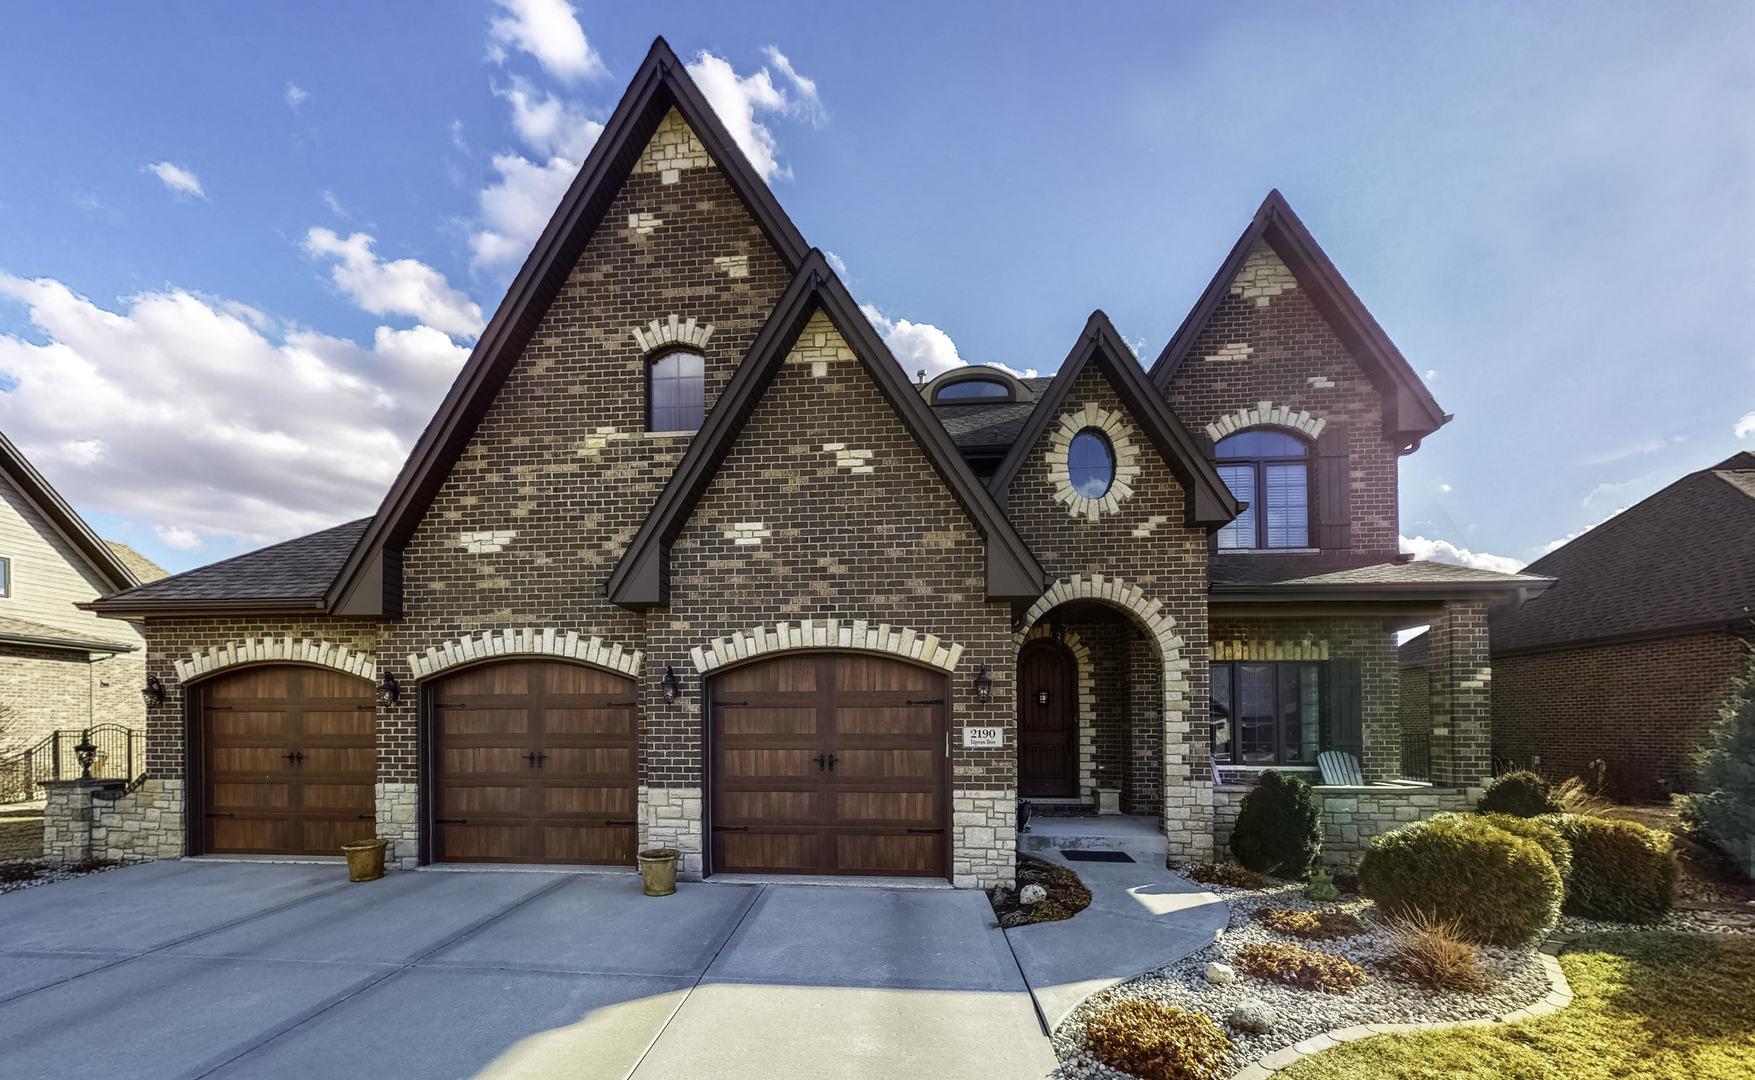 2190 Edgeview Drive, New Lenox, Illinois